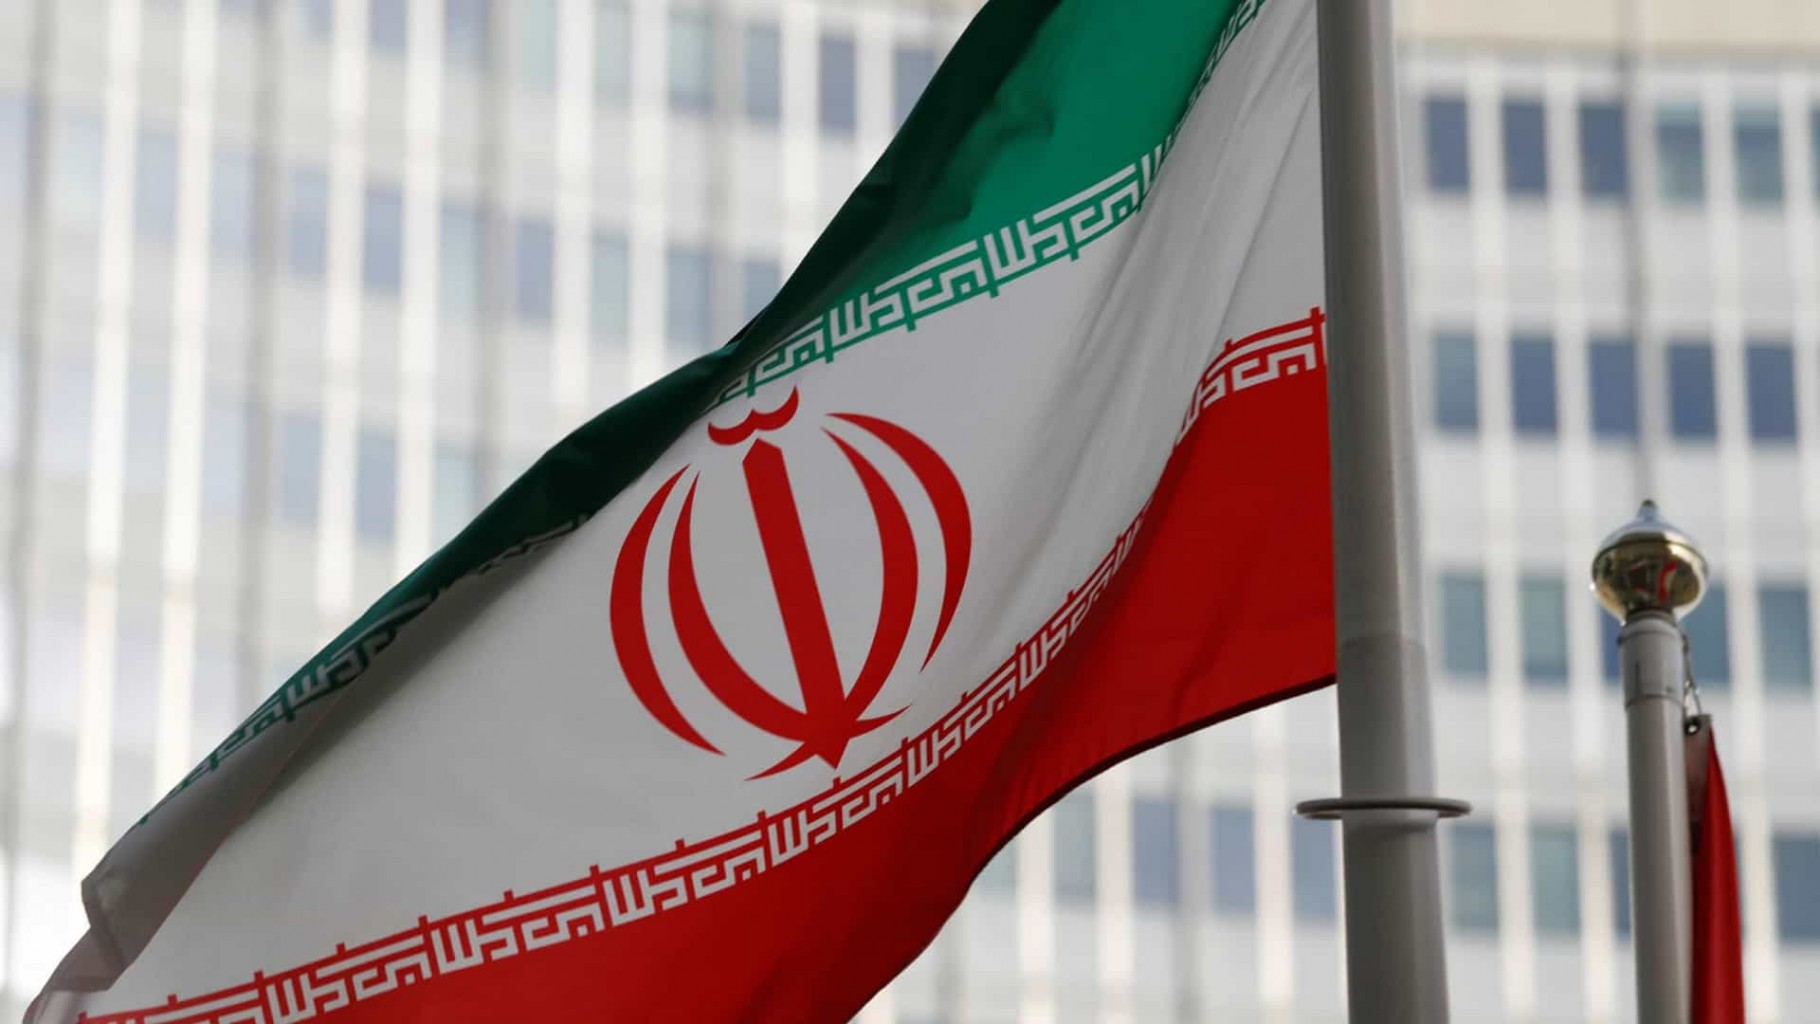 Agência de Energia Atómica confirma que Irão enriqueceu urânio a nível proibido